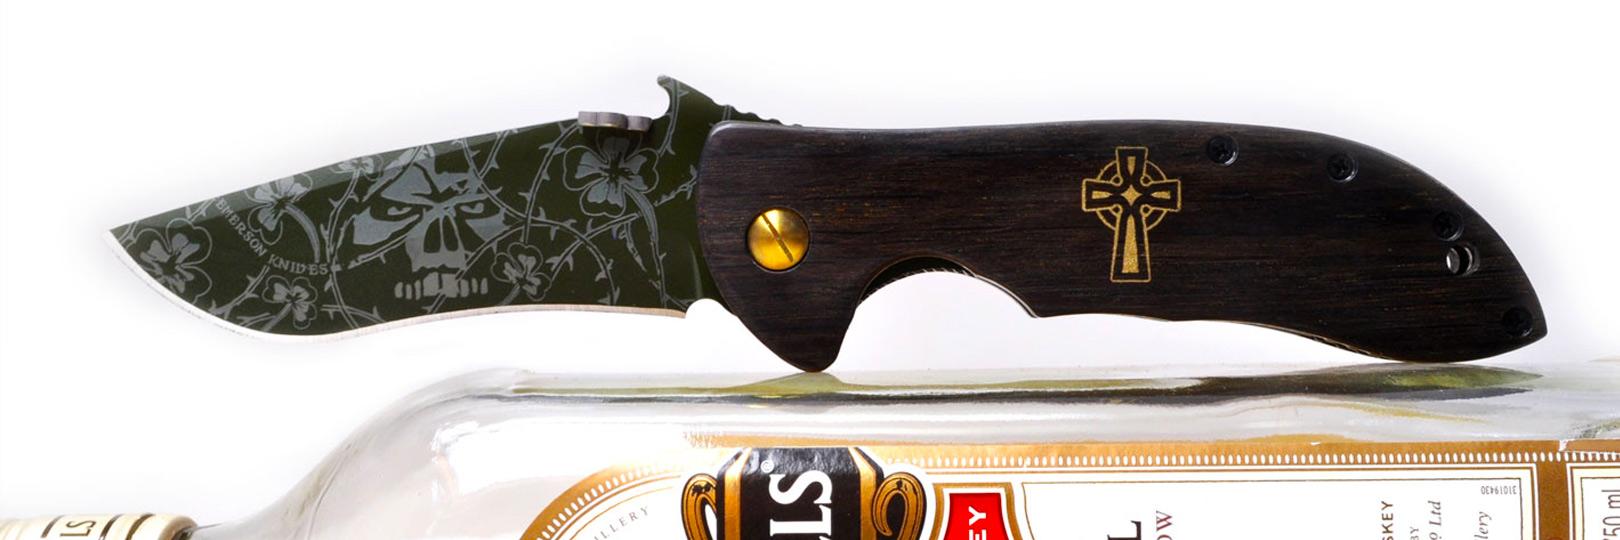 Emerson Irish Knives Header